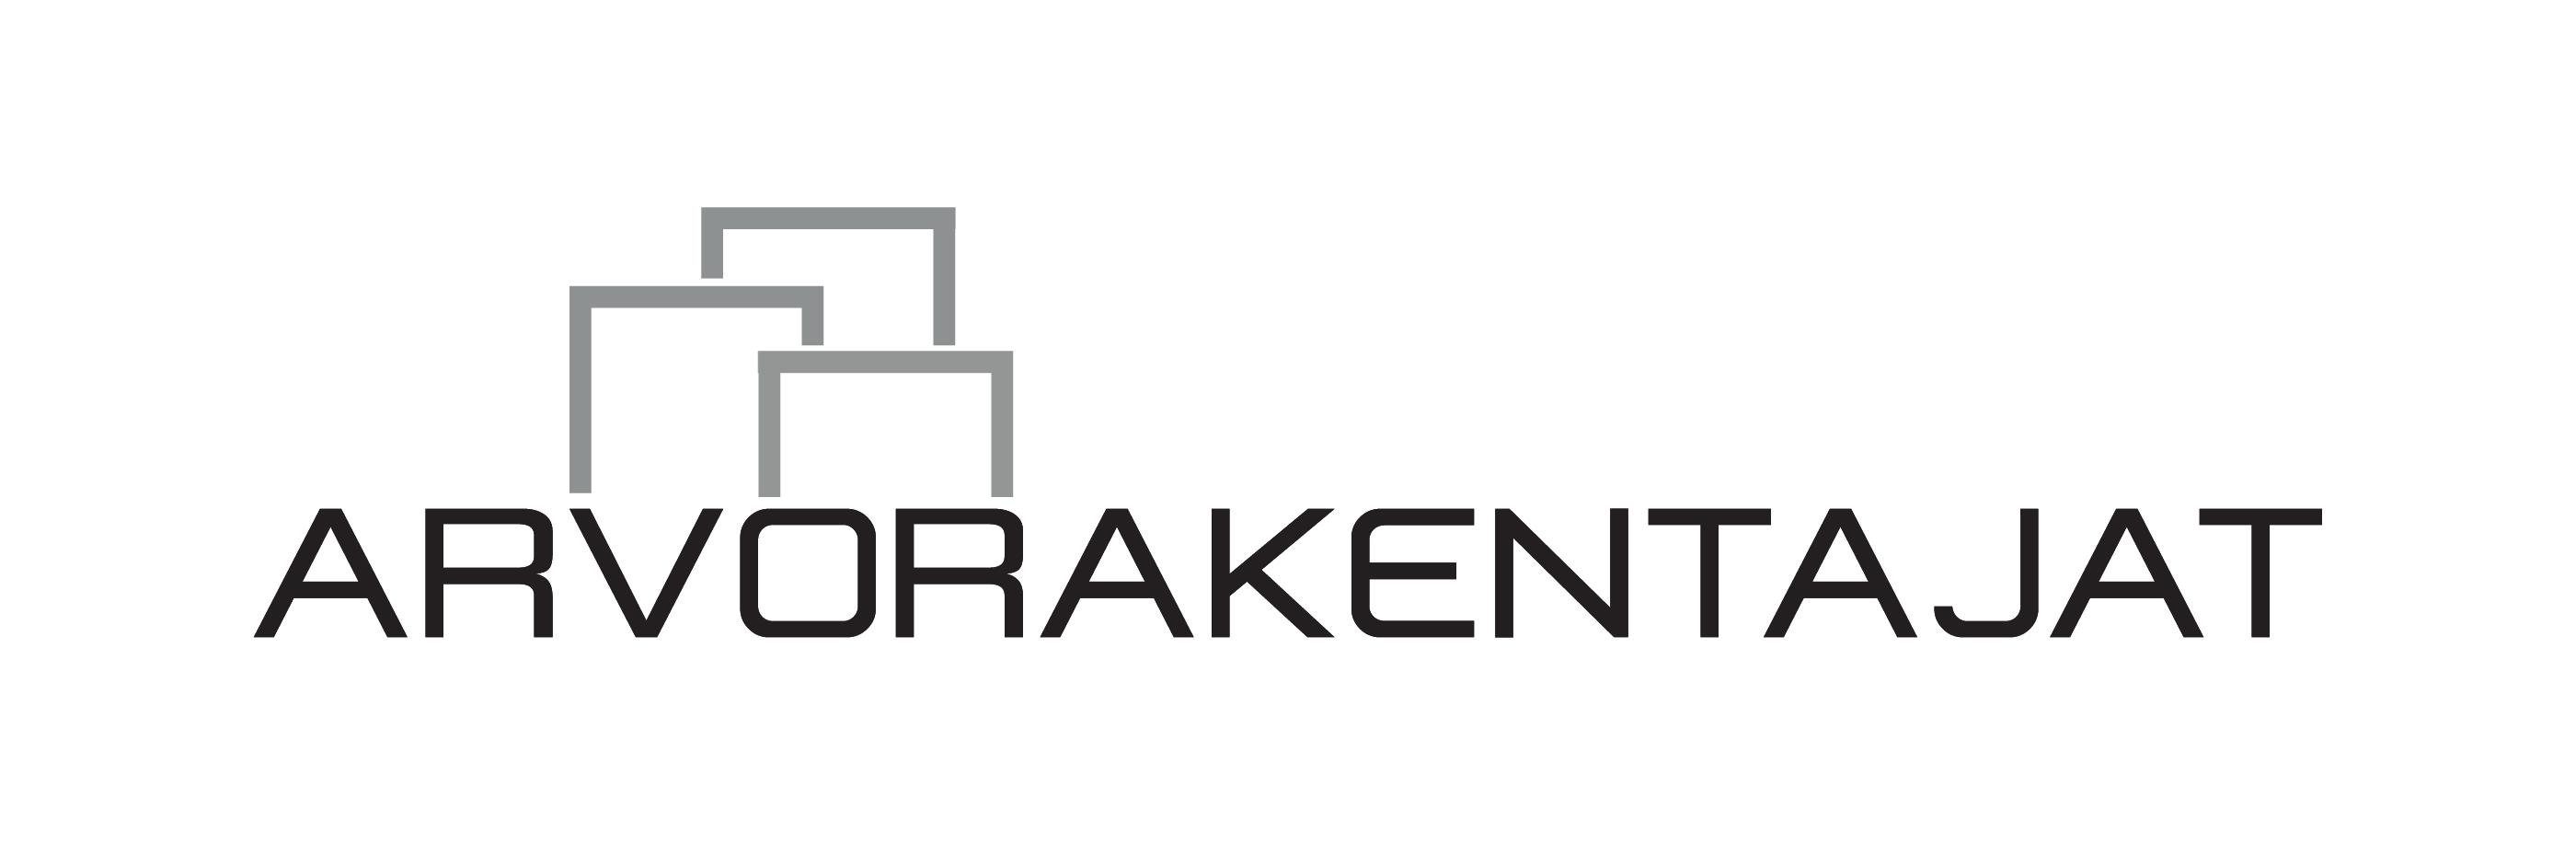 Arvorakentajat Oy - Työmaa- /Projekti-insinööri